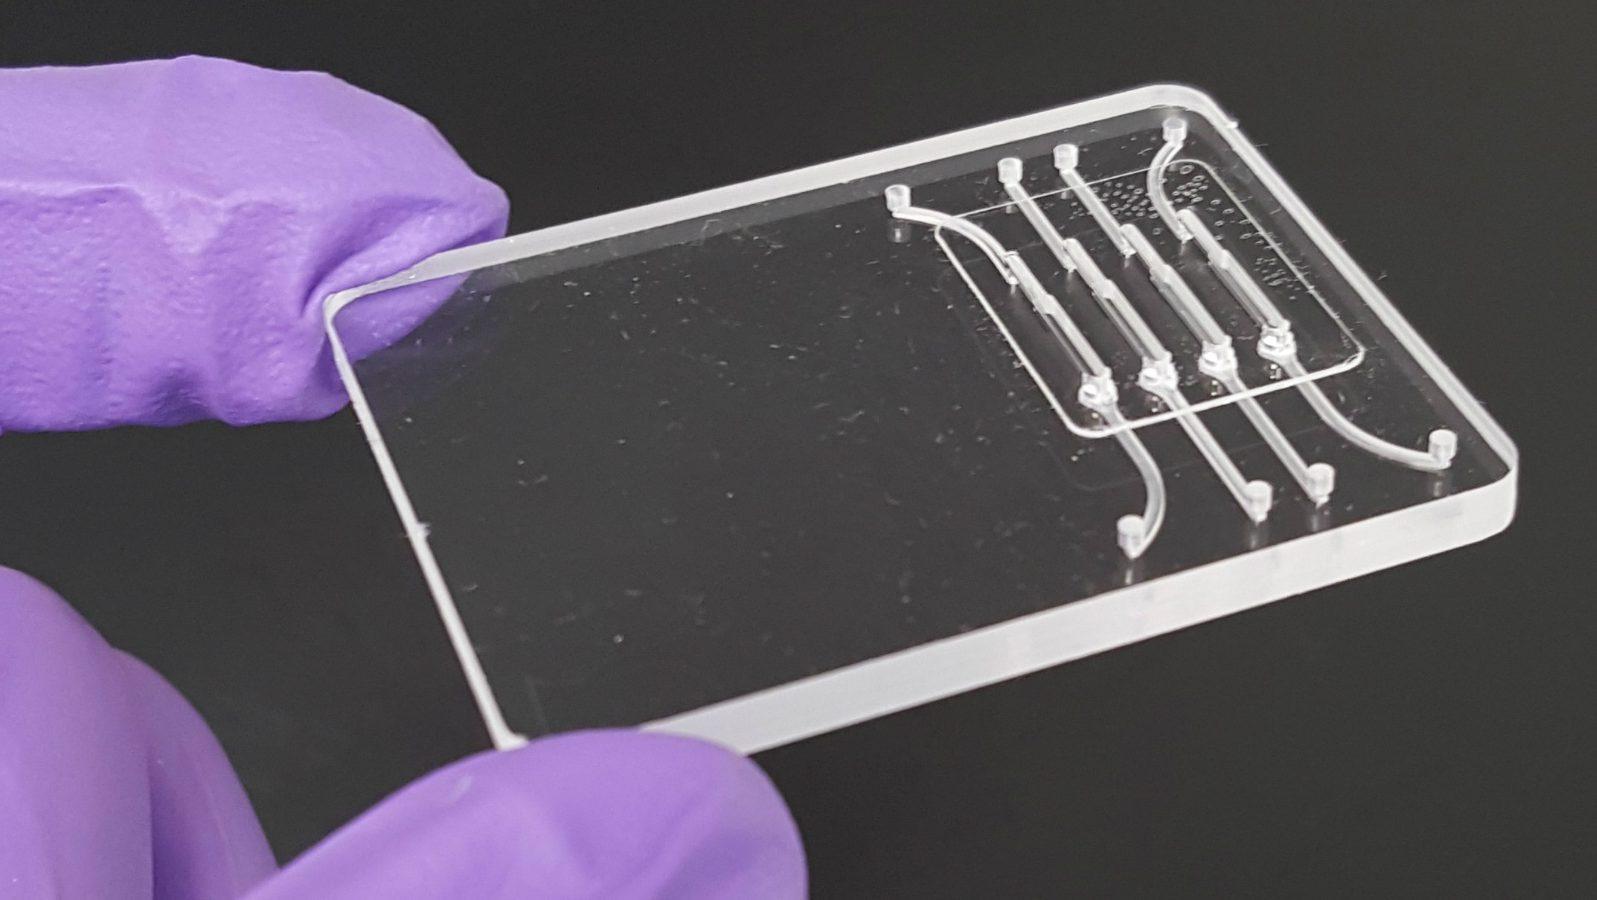 Zika virus testing plate